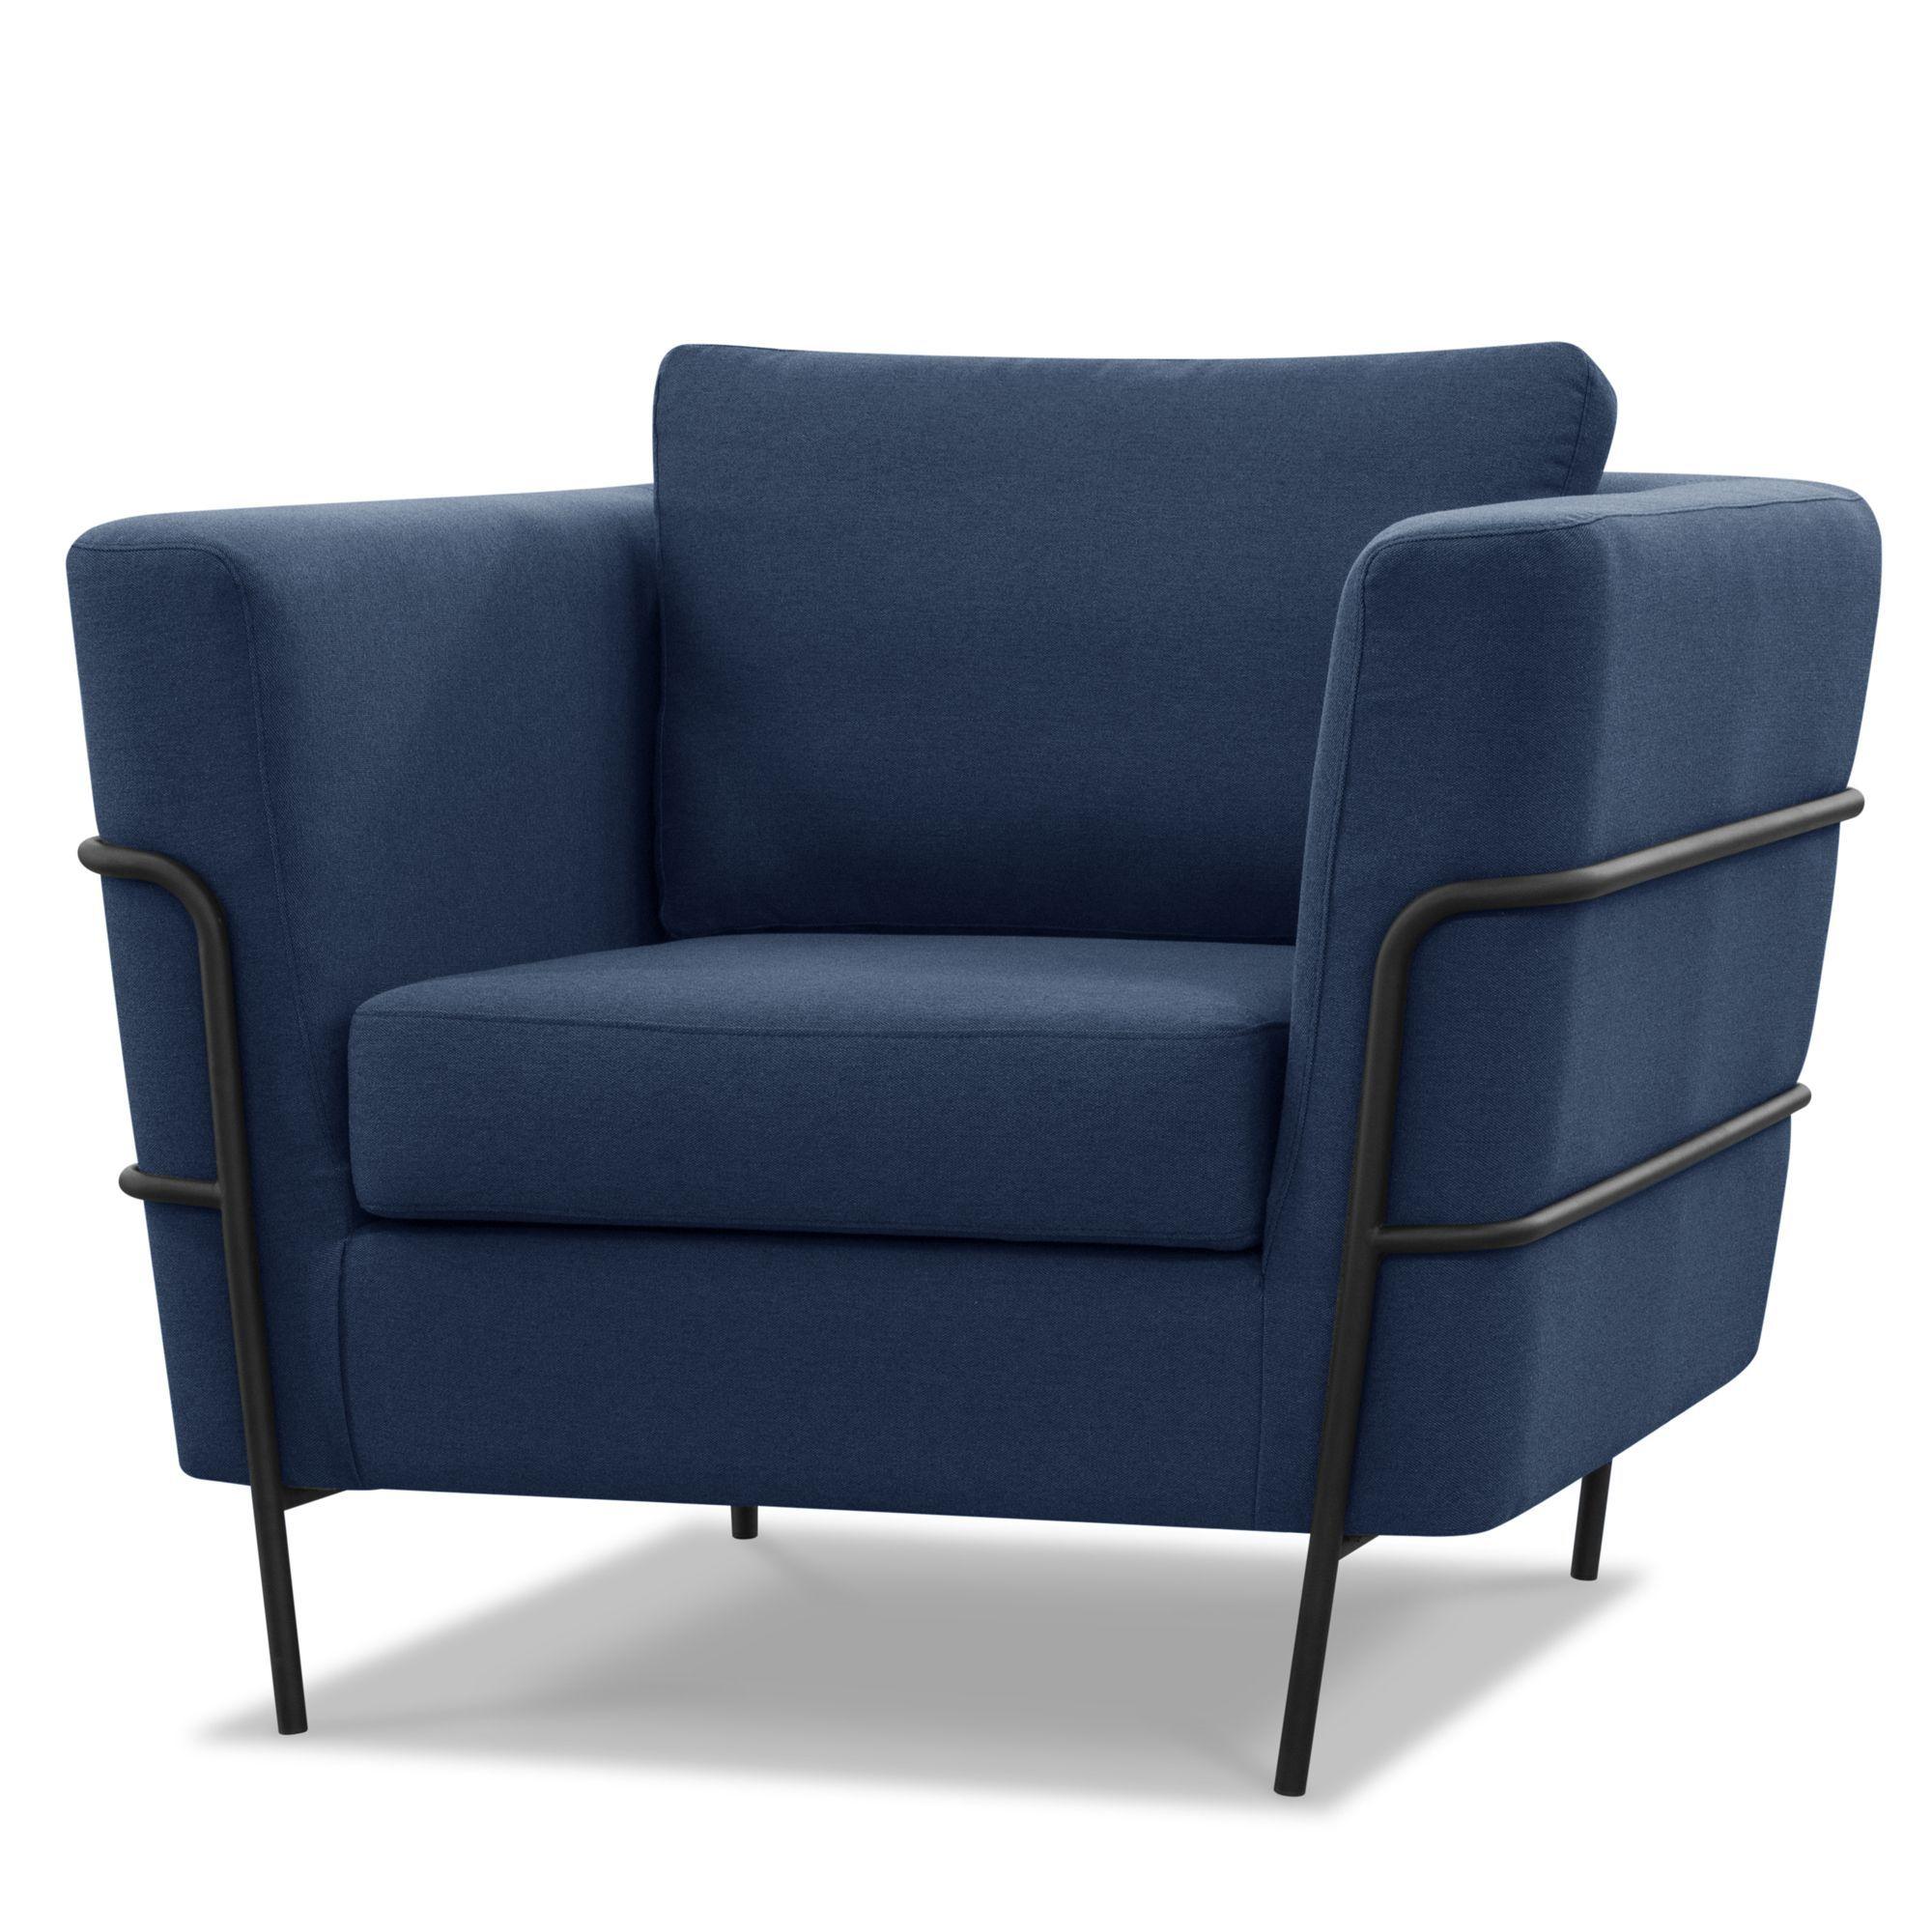 Fauteuil Esprit Annee 50 Au Coloris Bleu Loft Nouveautes Les Selections Alinea Alinea Fr Decoration Interieur Alinea Home Decor Love Seat Chair